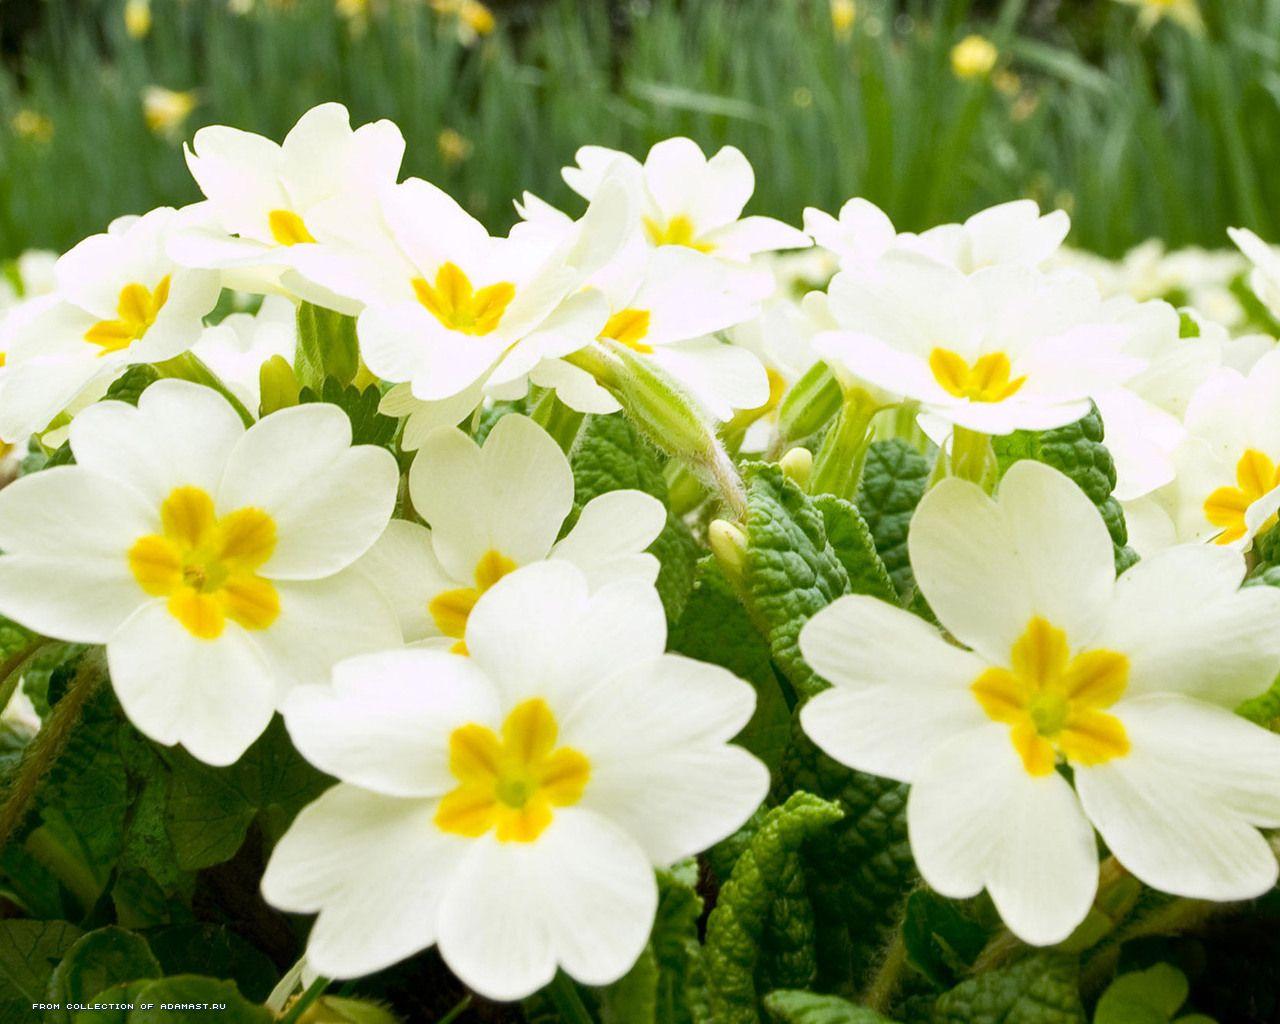 Очень красивые цветы 1280 x 1024